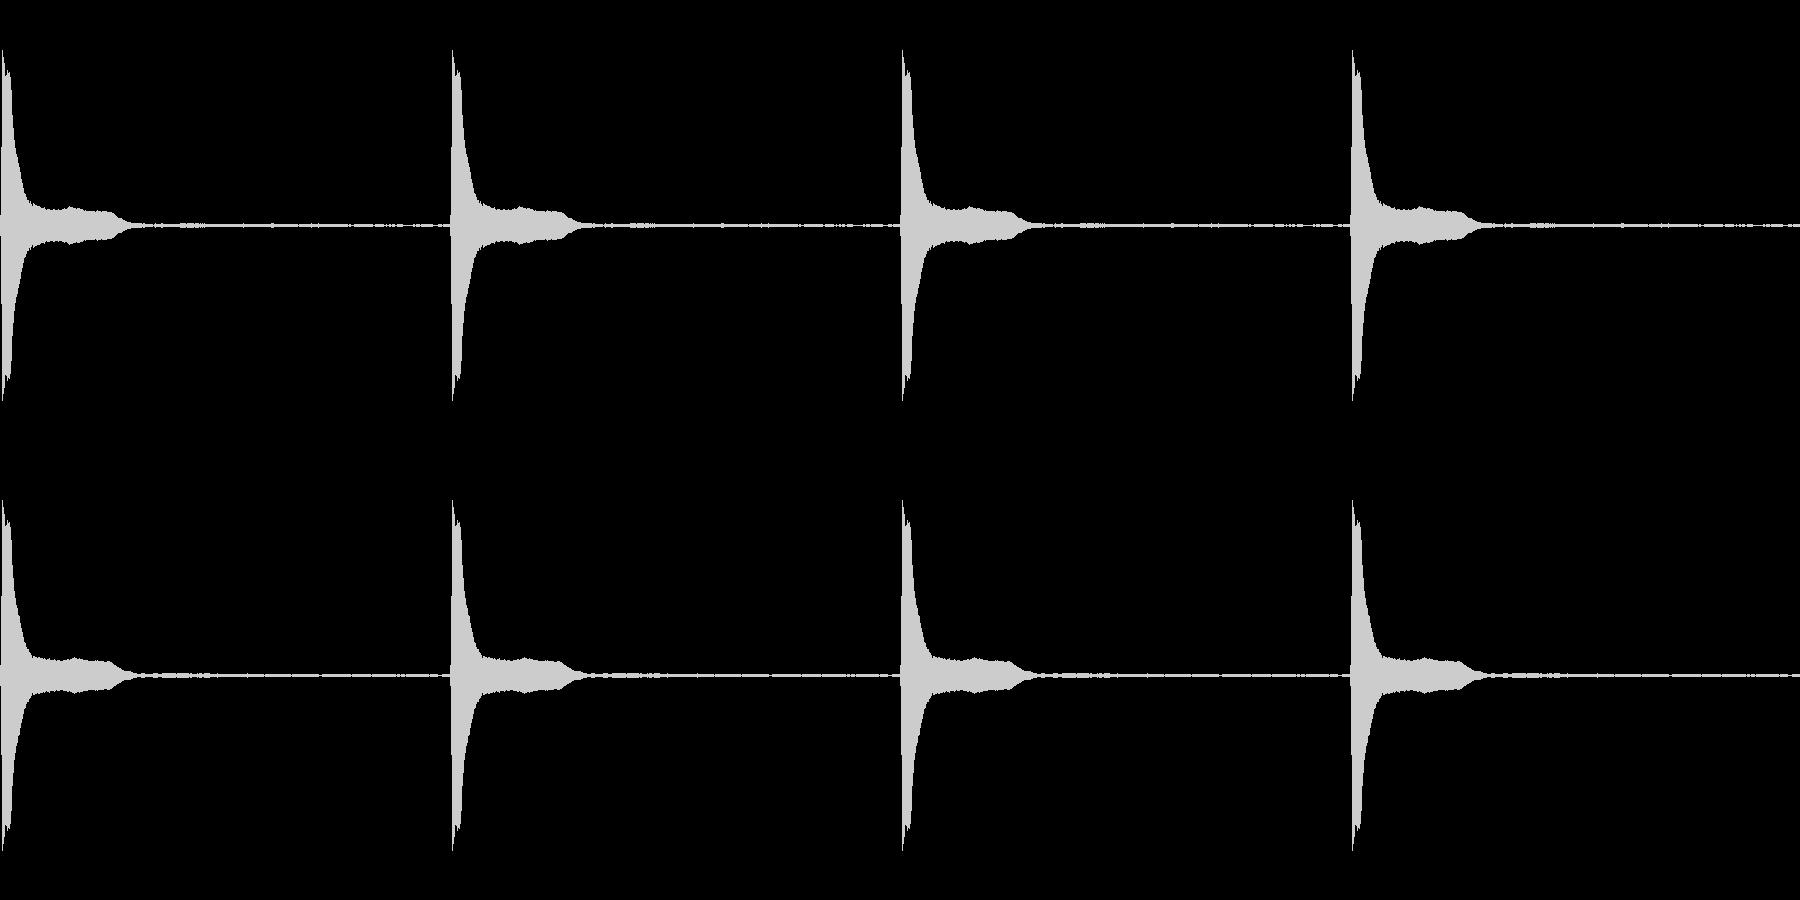 Count カウントダウン ループ 4の未再生の波形